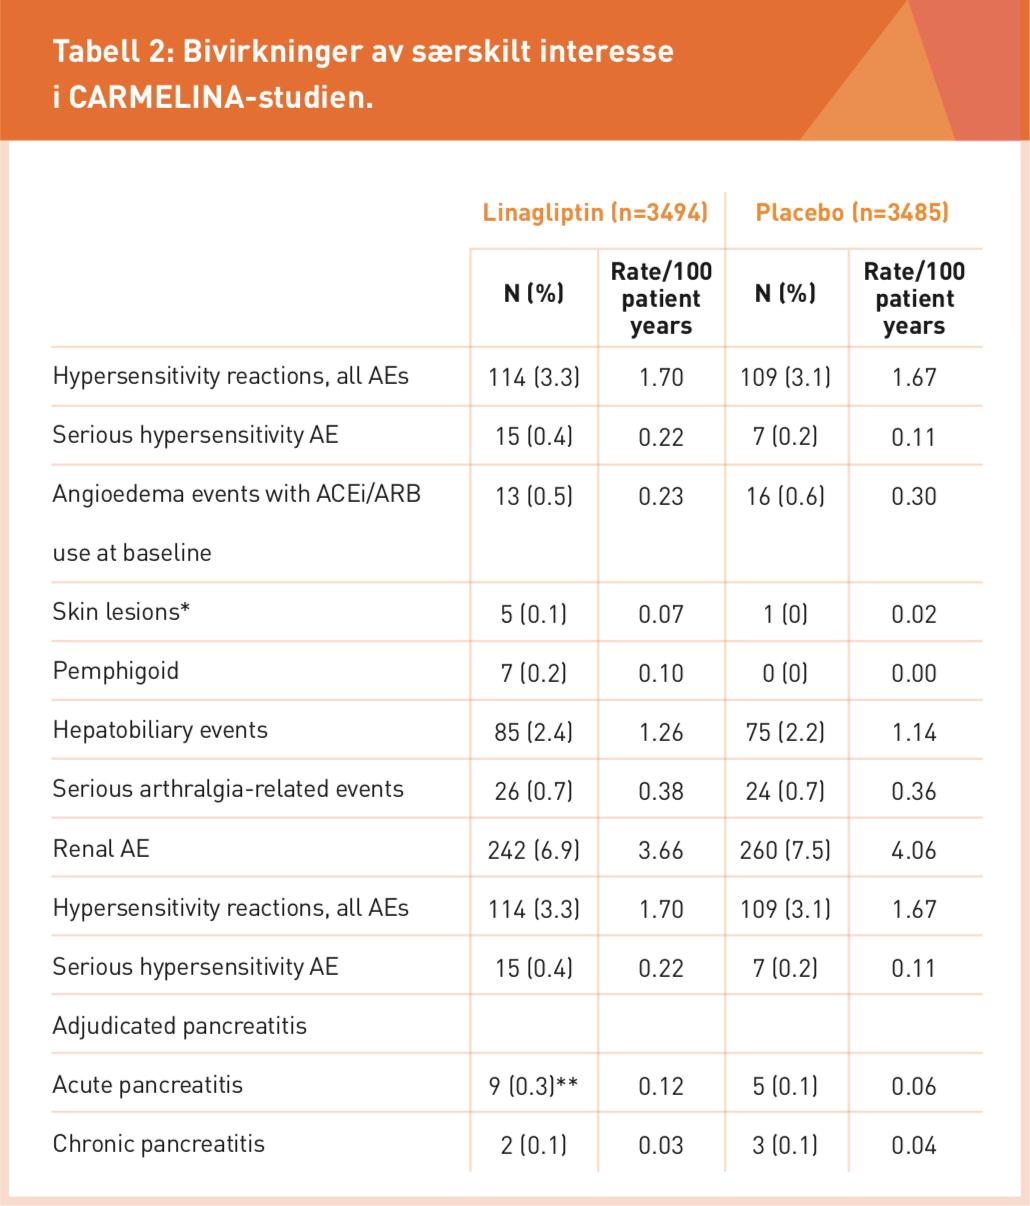 Bivirkninger av særskilt interesse i CARMELINA-studien.png